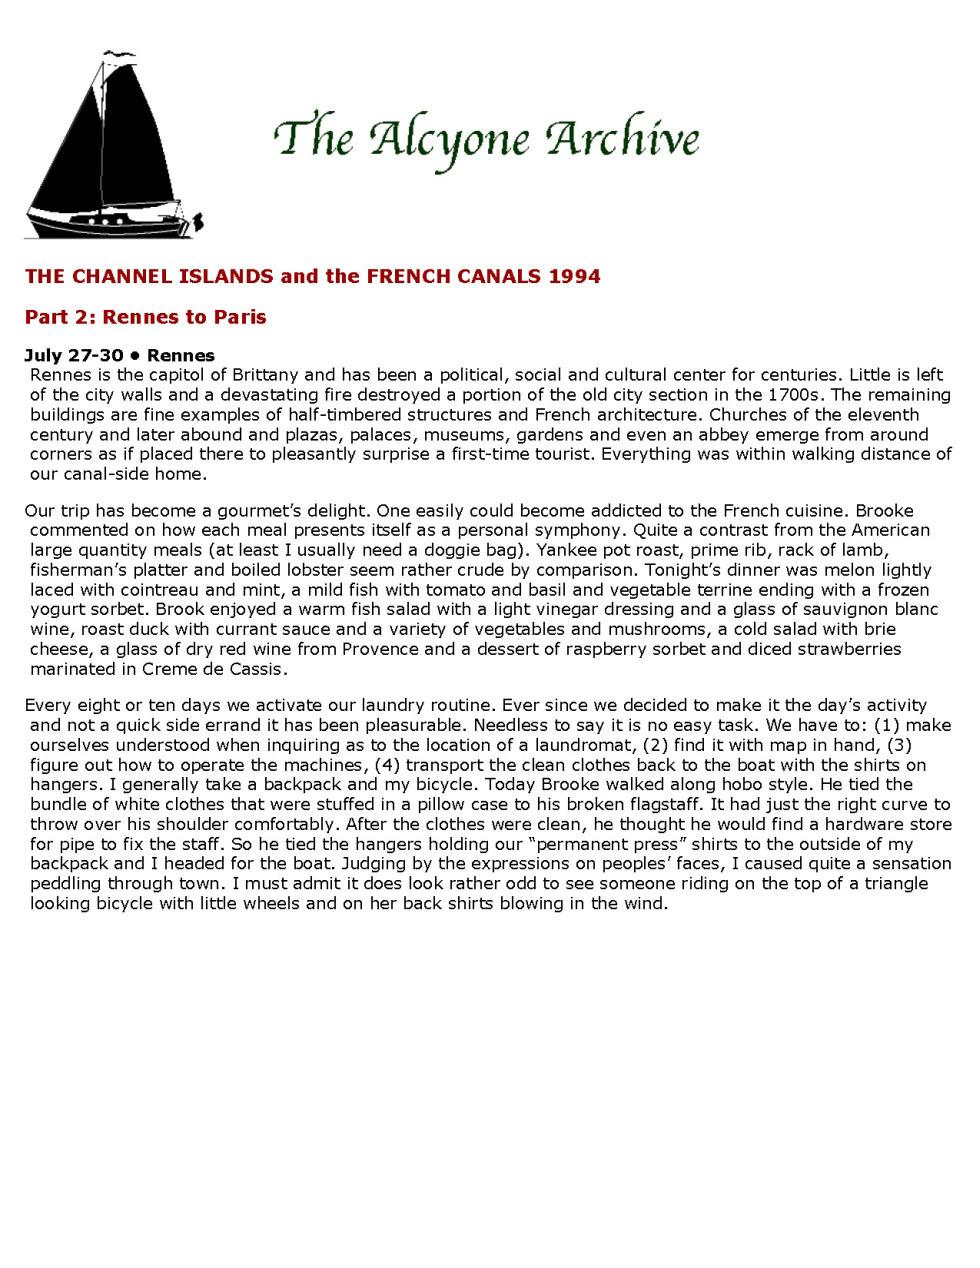 Narrative1994part2_Page_01